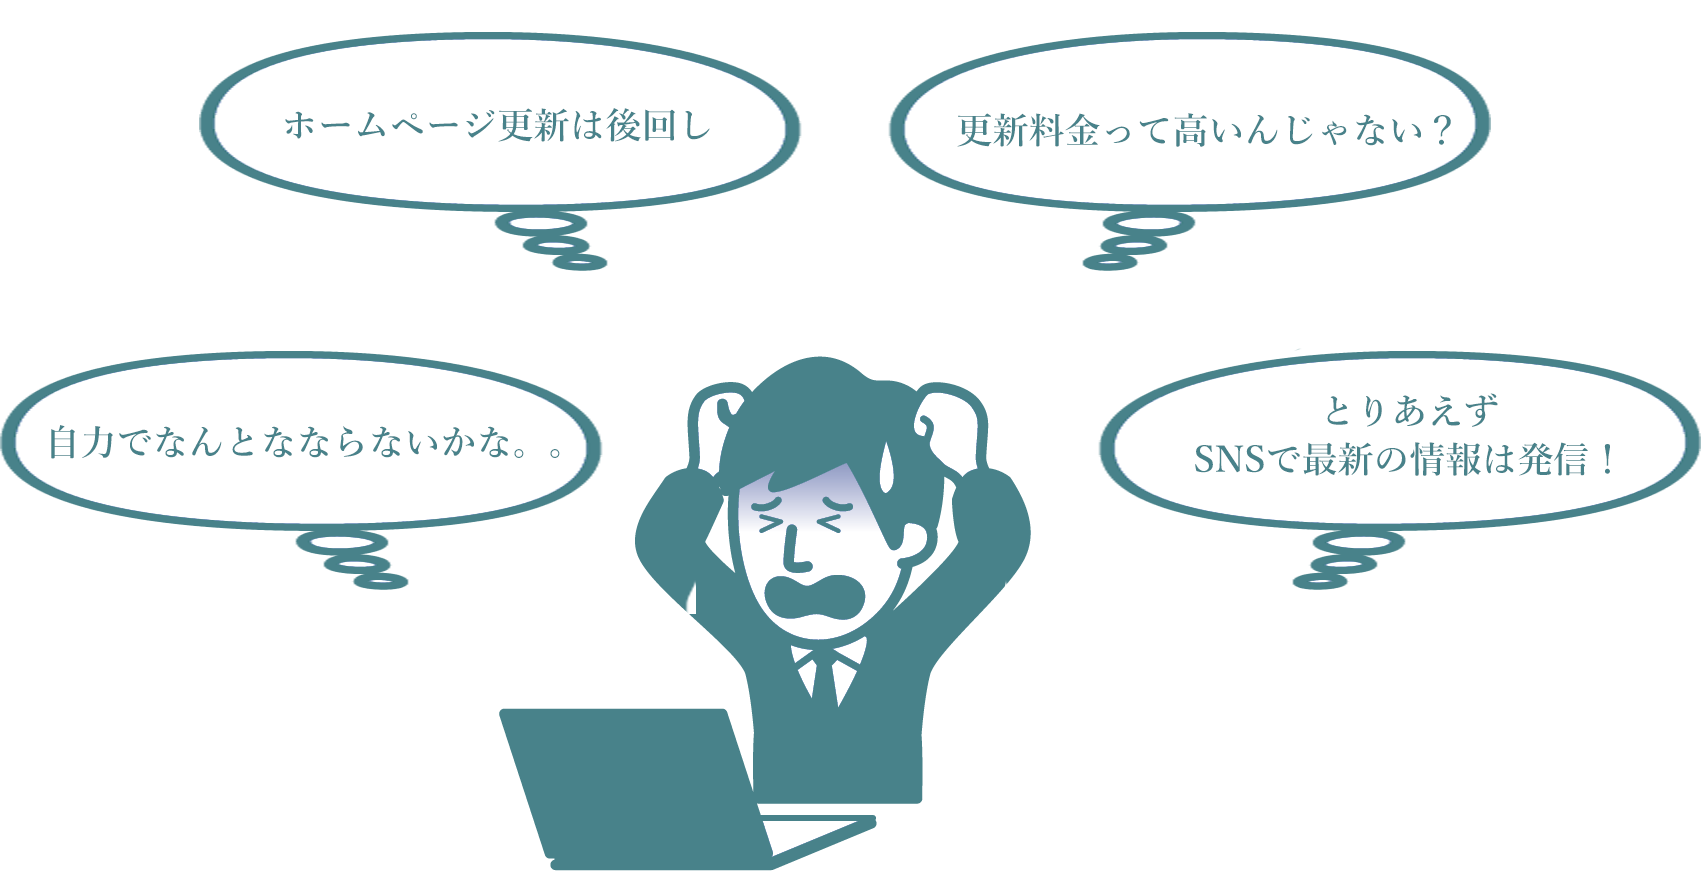 ホームページ更新は後回しに。ホームページ更新代行は高い?自力でホームページ更新できるかな。とりあえずはSNSで最新情報を拡散